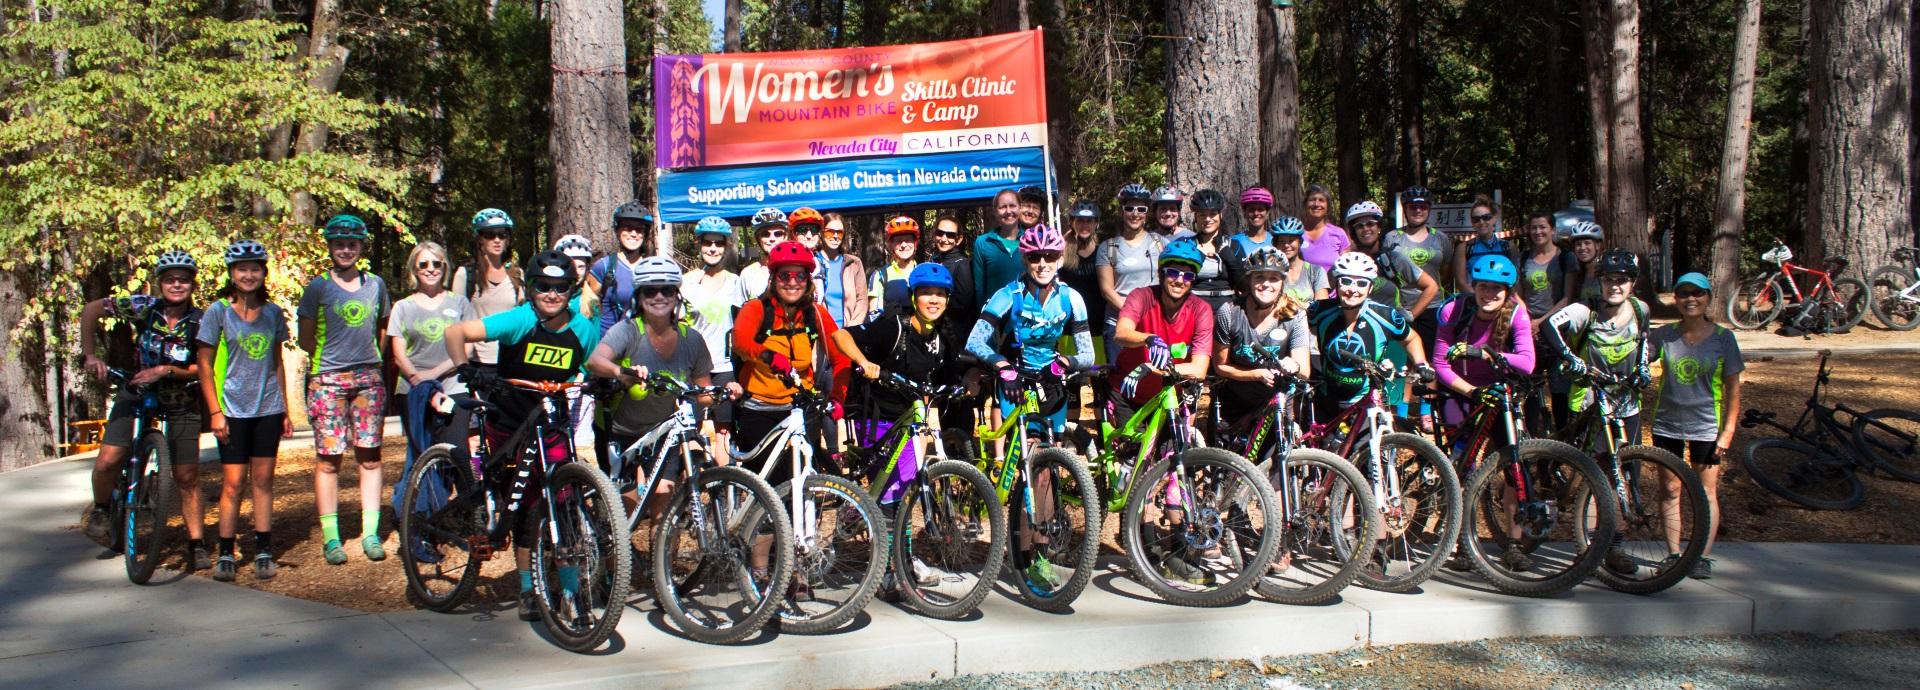 YBONC's Women's Mountain Bike Clinic